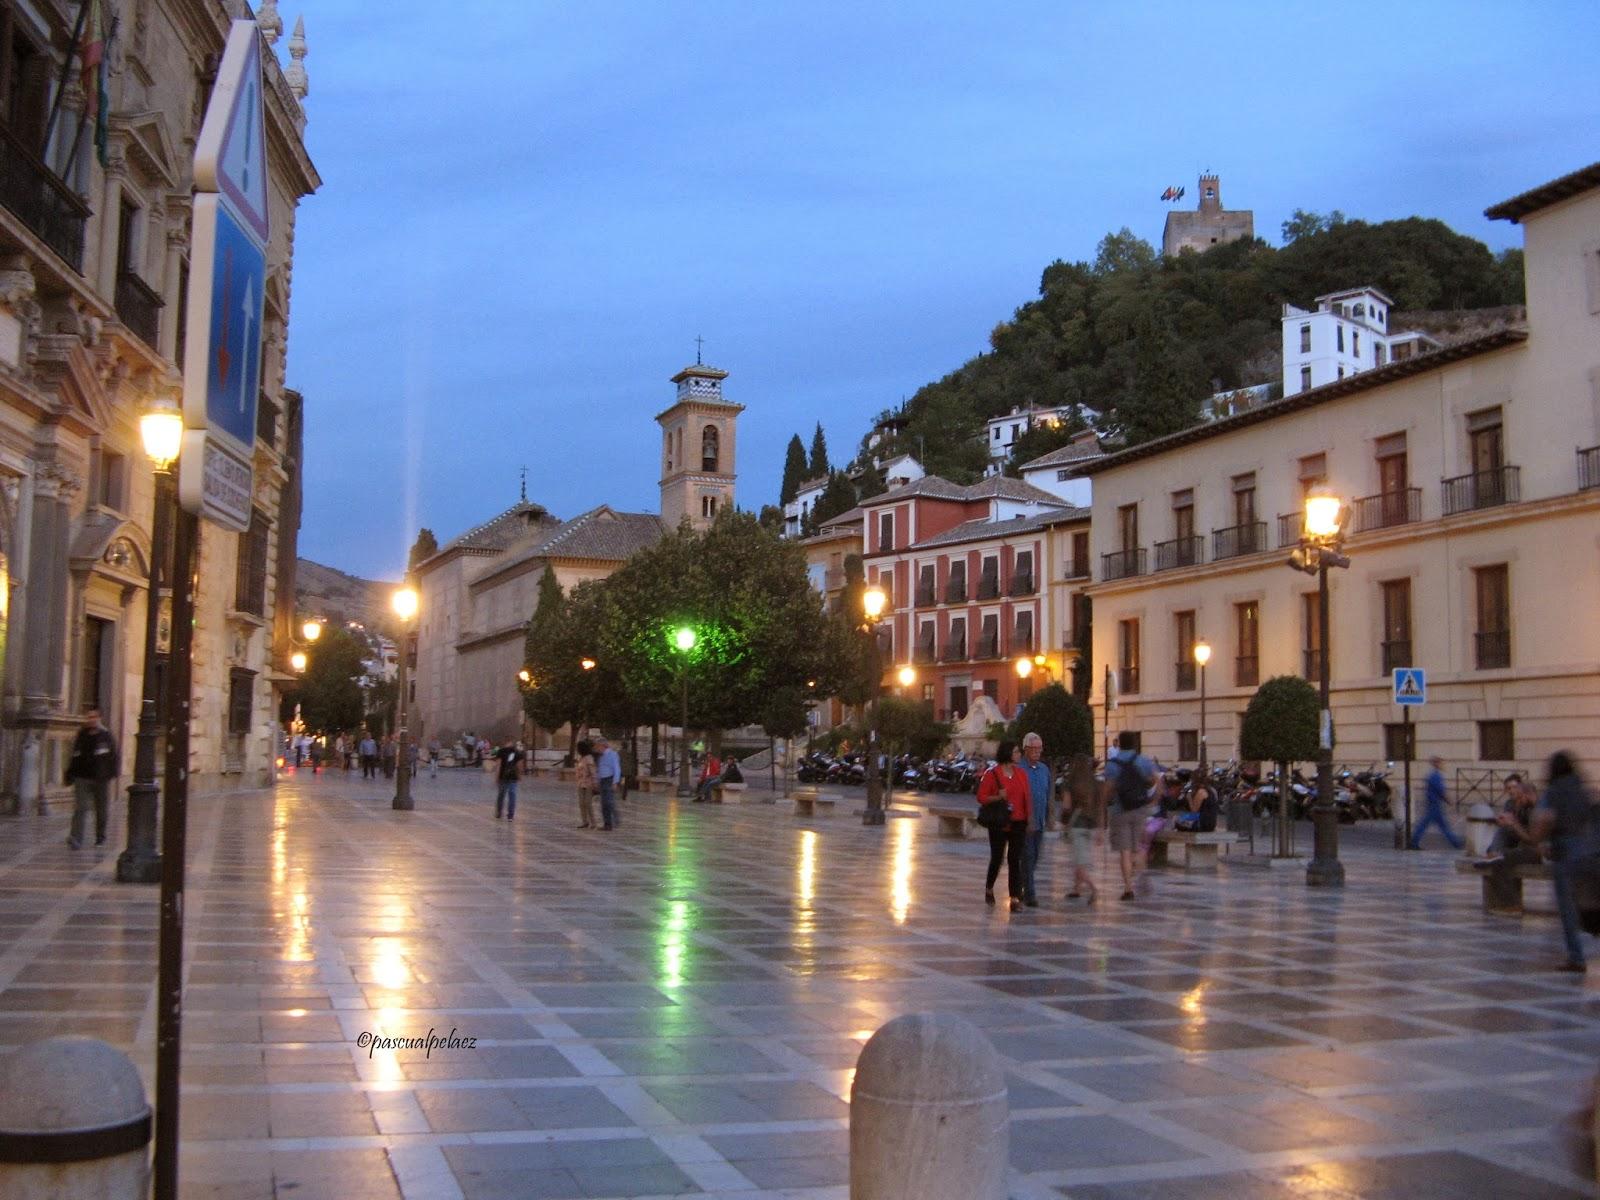 Rincones ibericos granada andaluc a espa a for Calle jardin de la reina granada